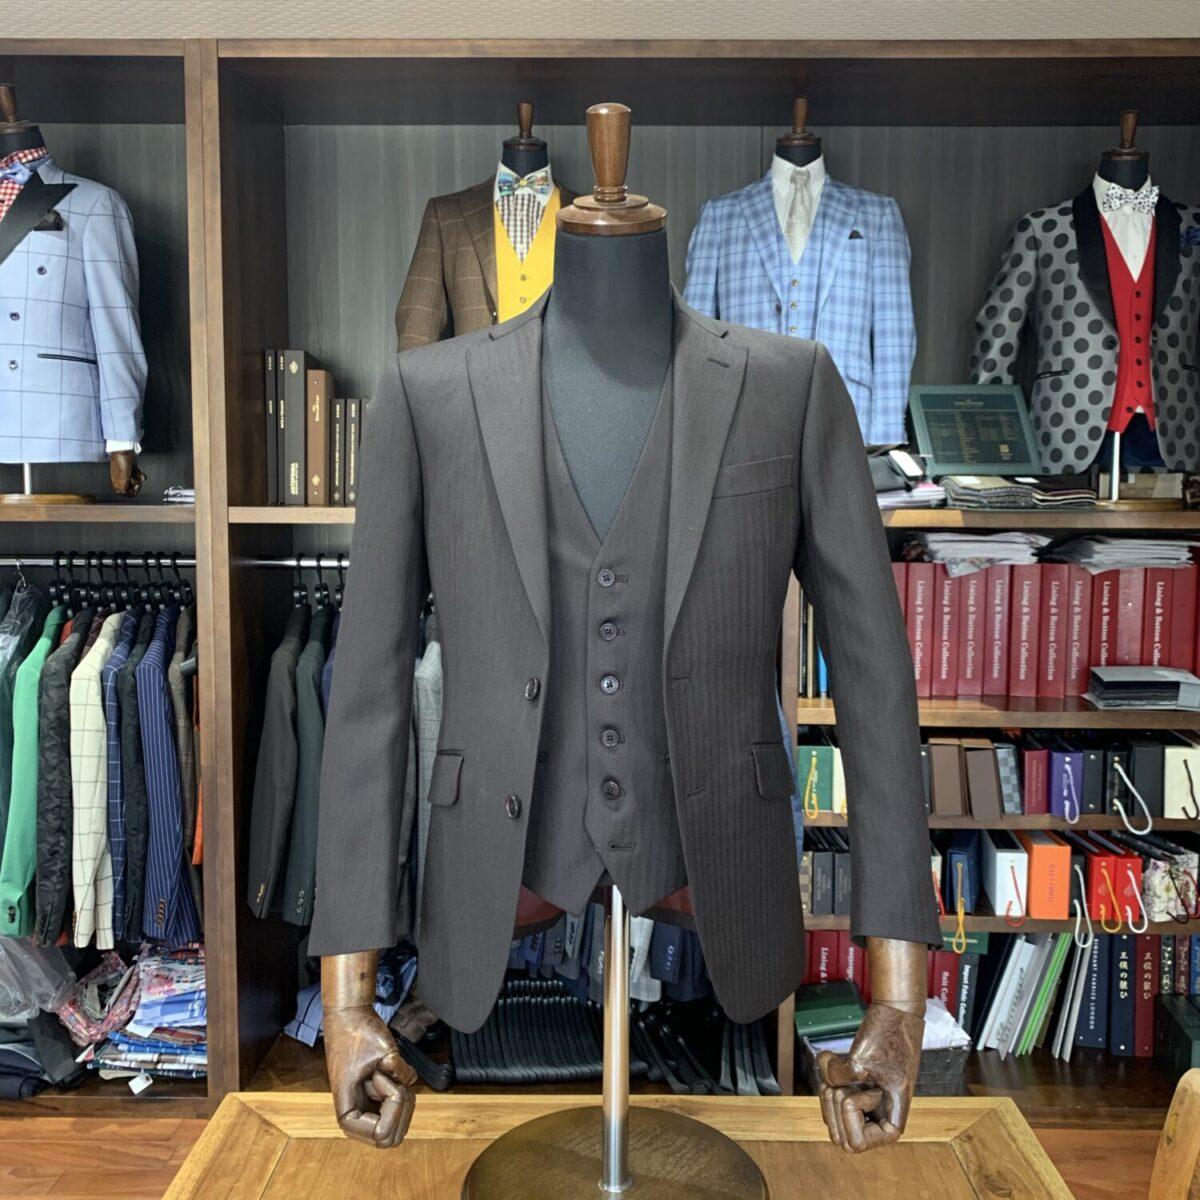 滋賀県草津市R様のオーダースーツを仕上げさせていただきました!